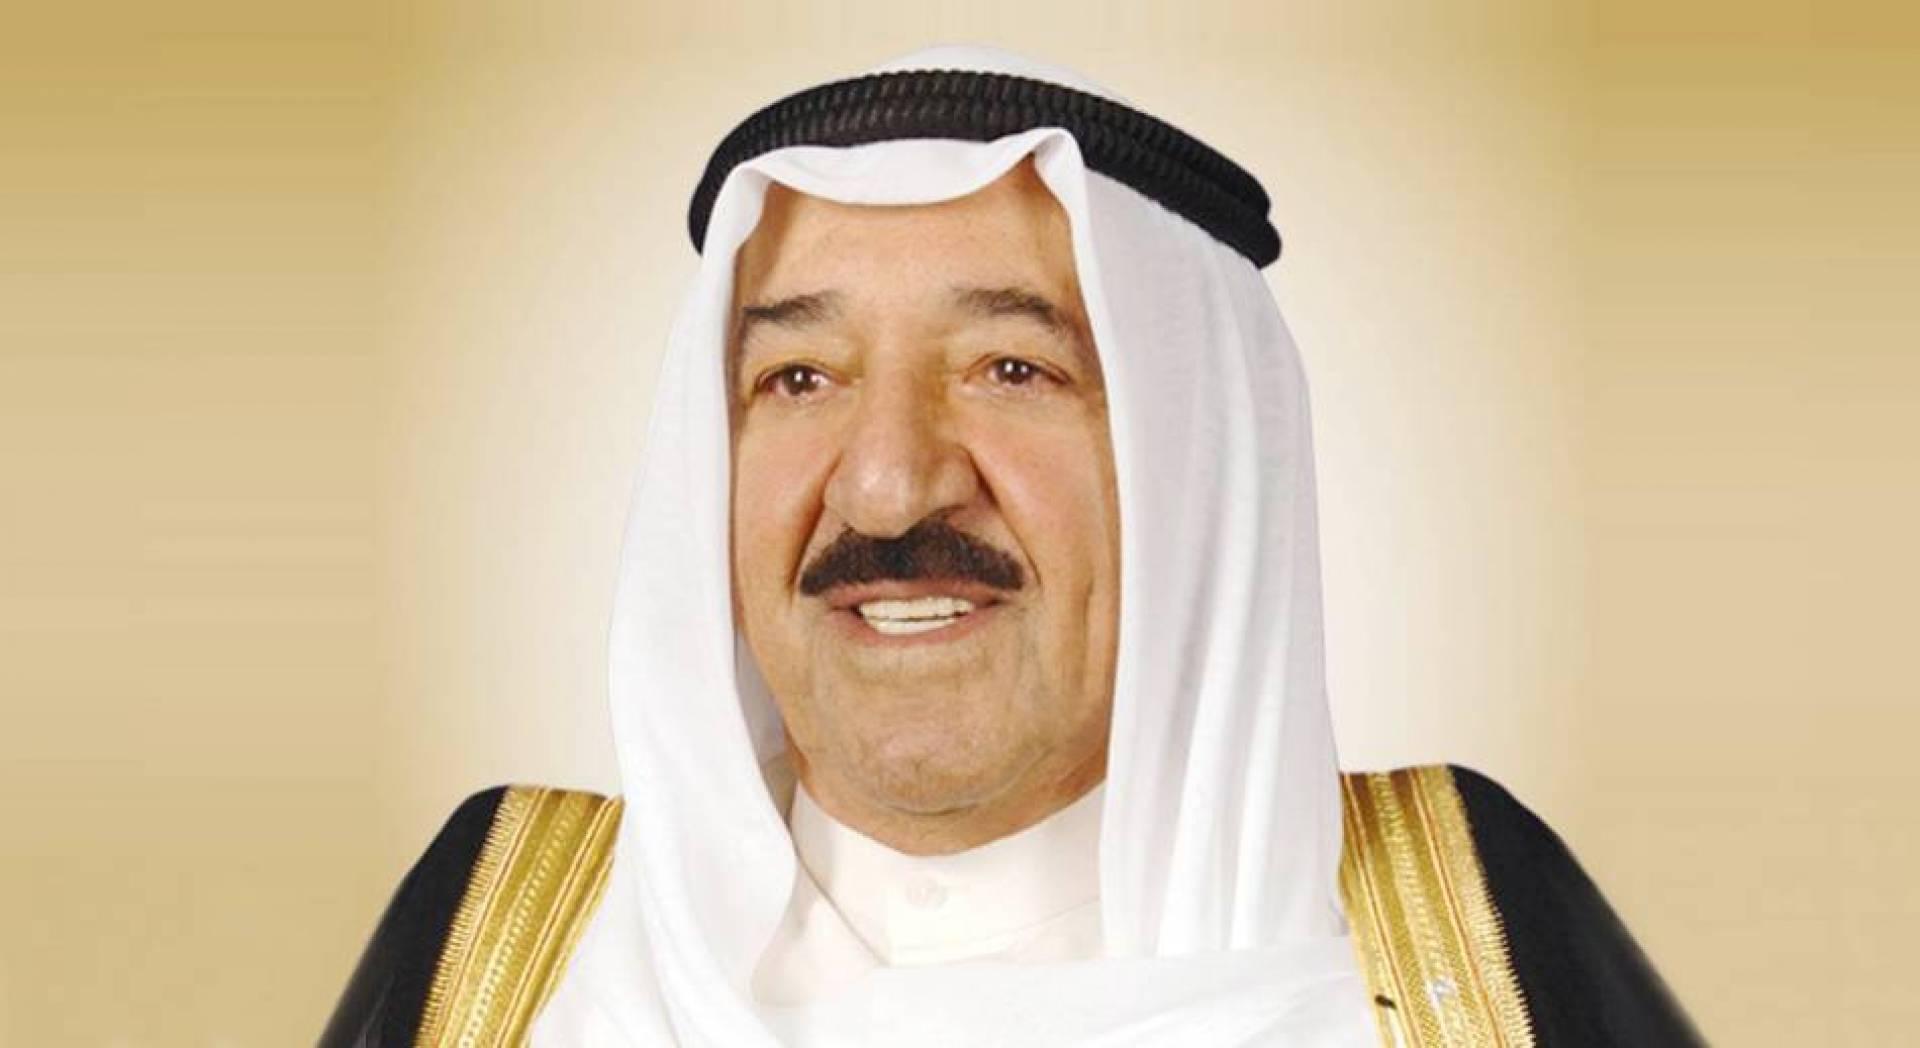 سمو الأمير يبعث ببرقية إلى آية الله السيستاني